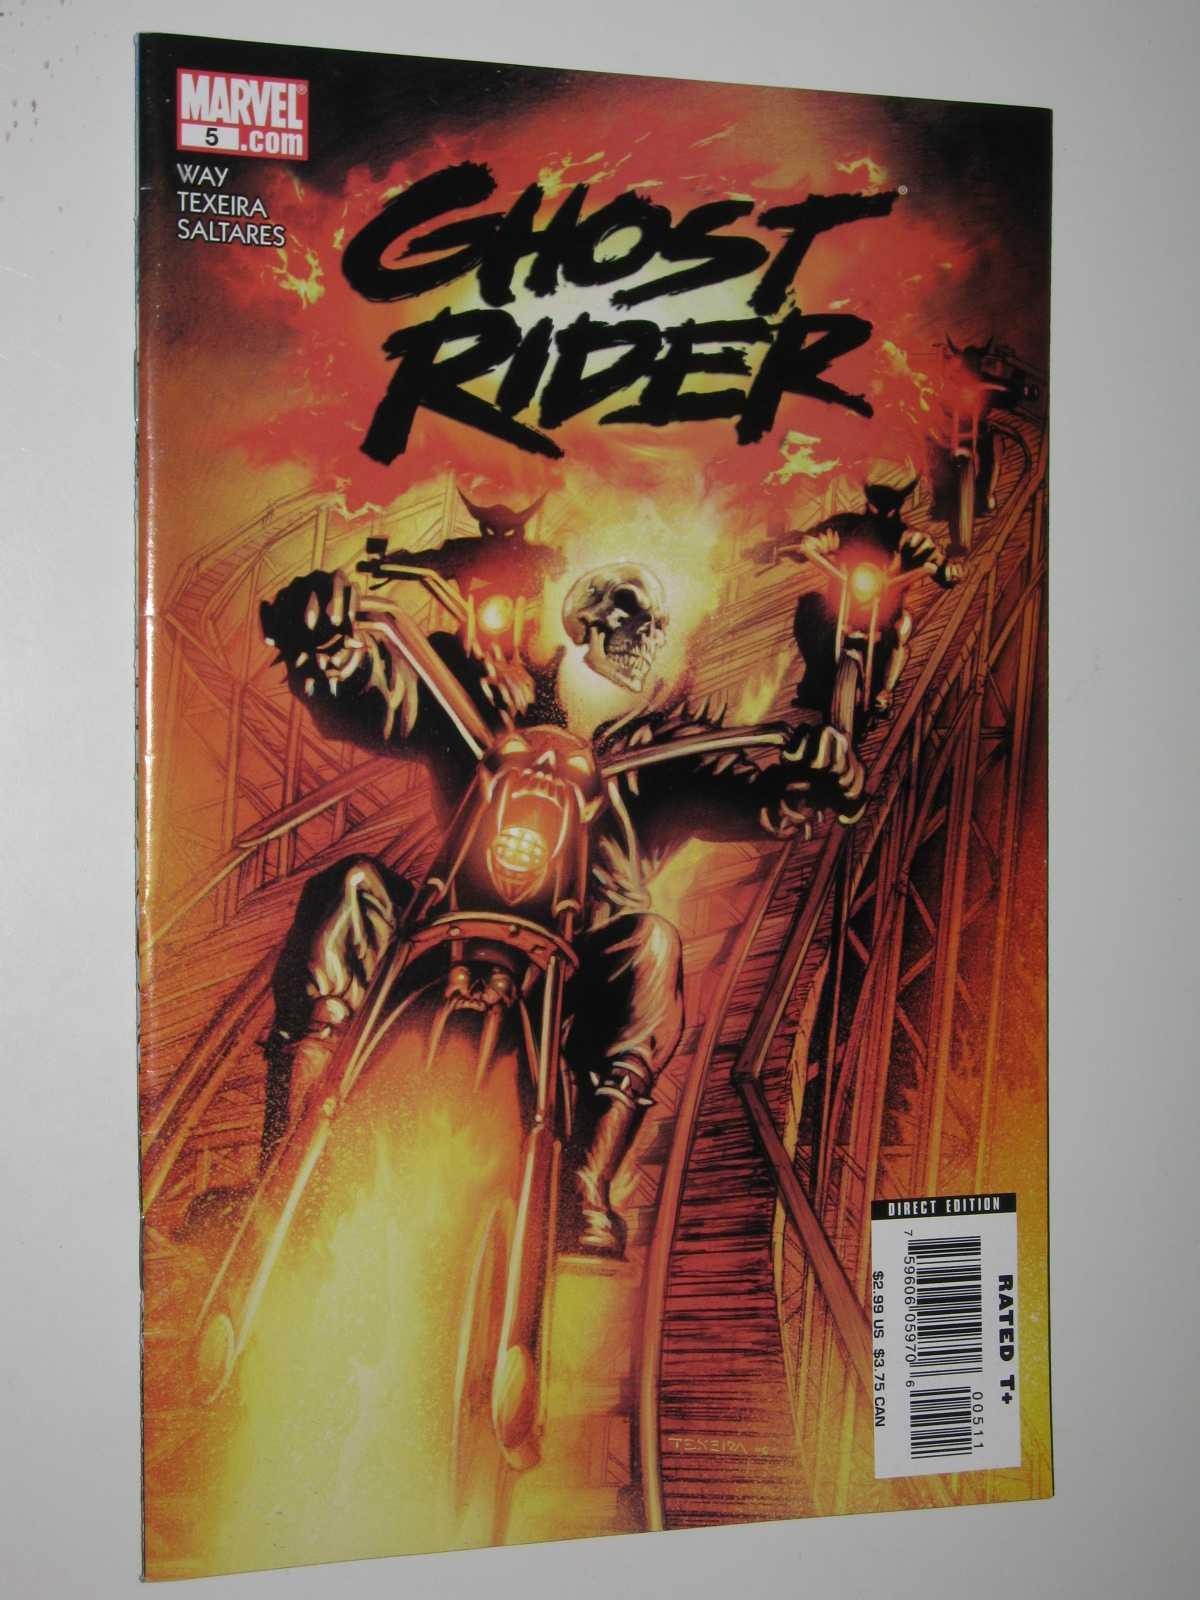 Ghost Rider #5 - January 2007, Way + Texeira + Saltares